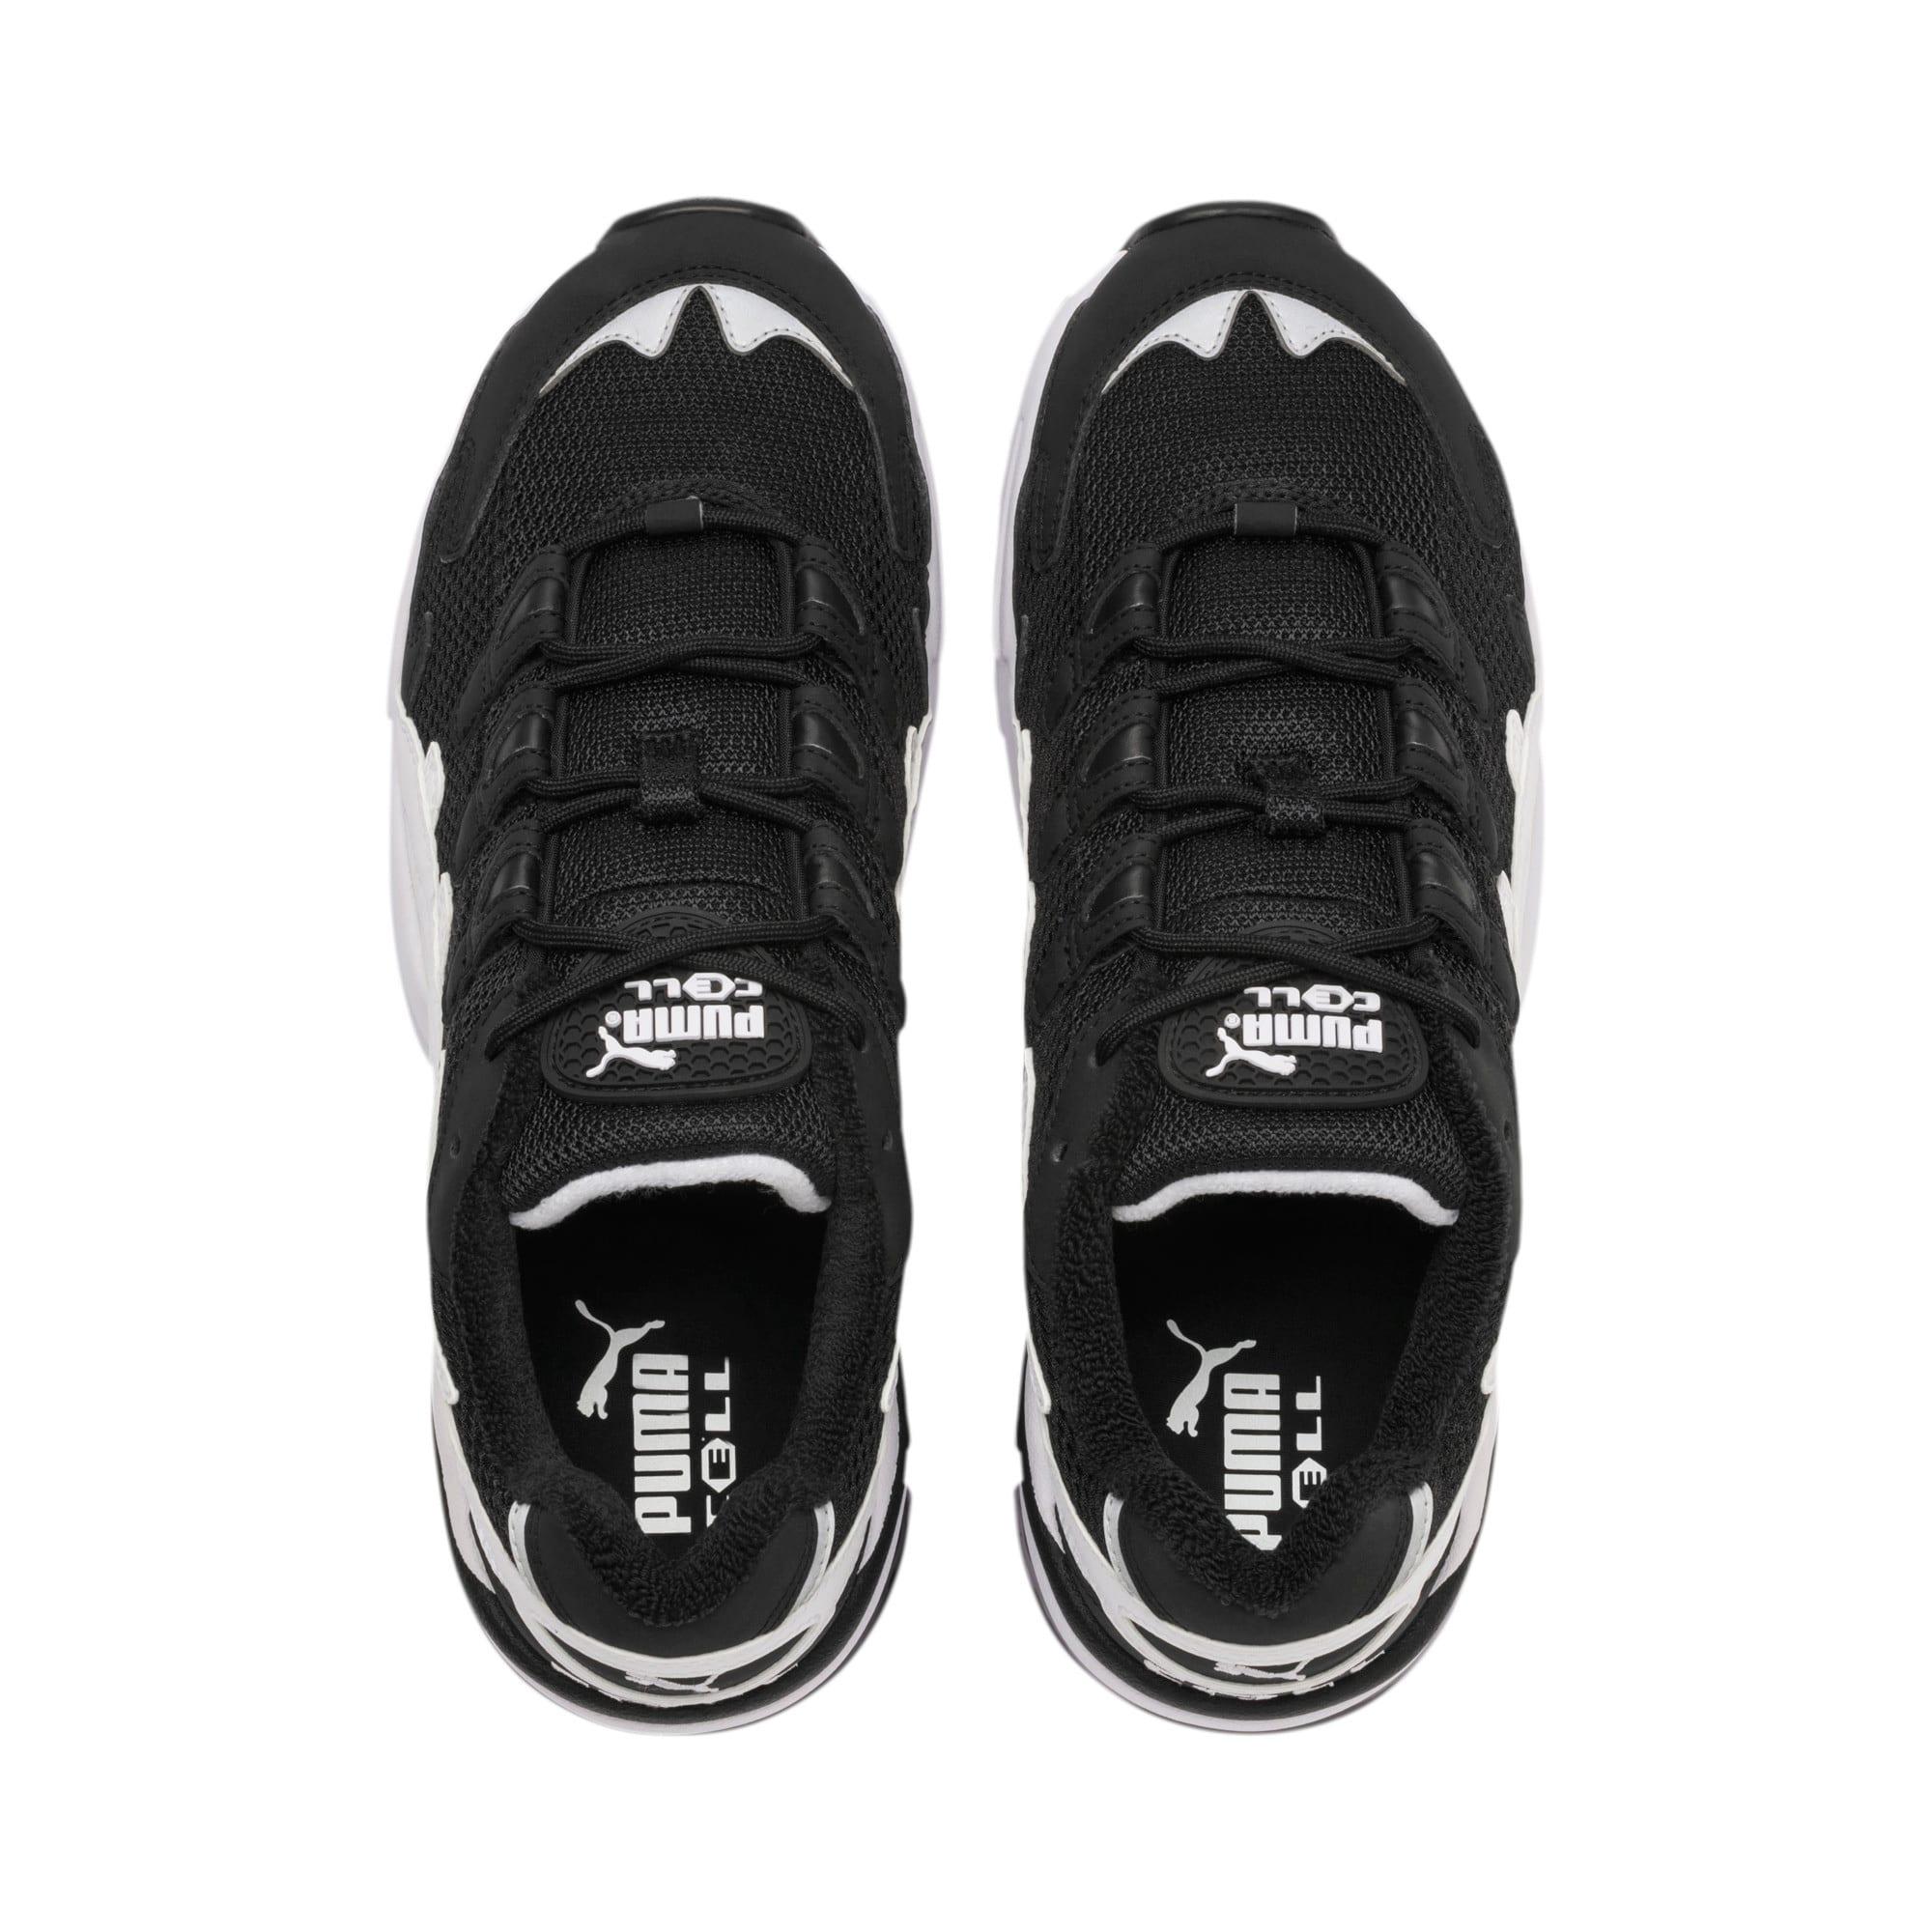 Thumbnail 7 of CELL Alien OG Sneaker, Puma Black-Puma White, medium